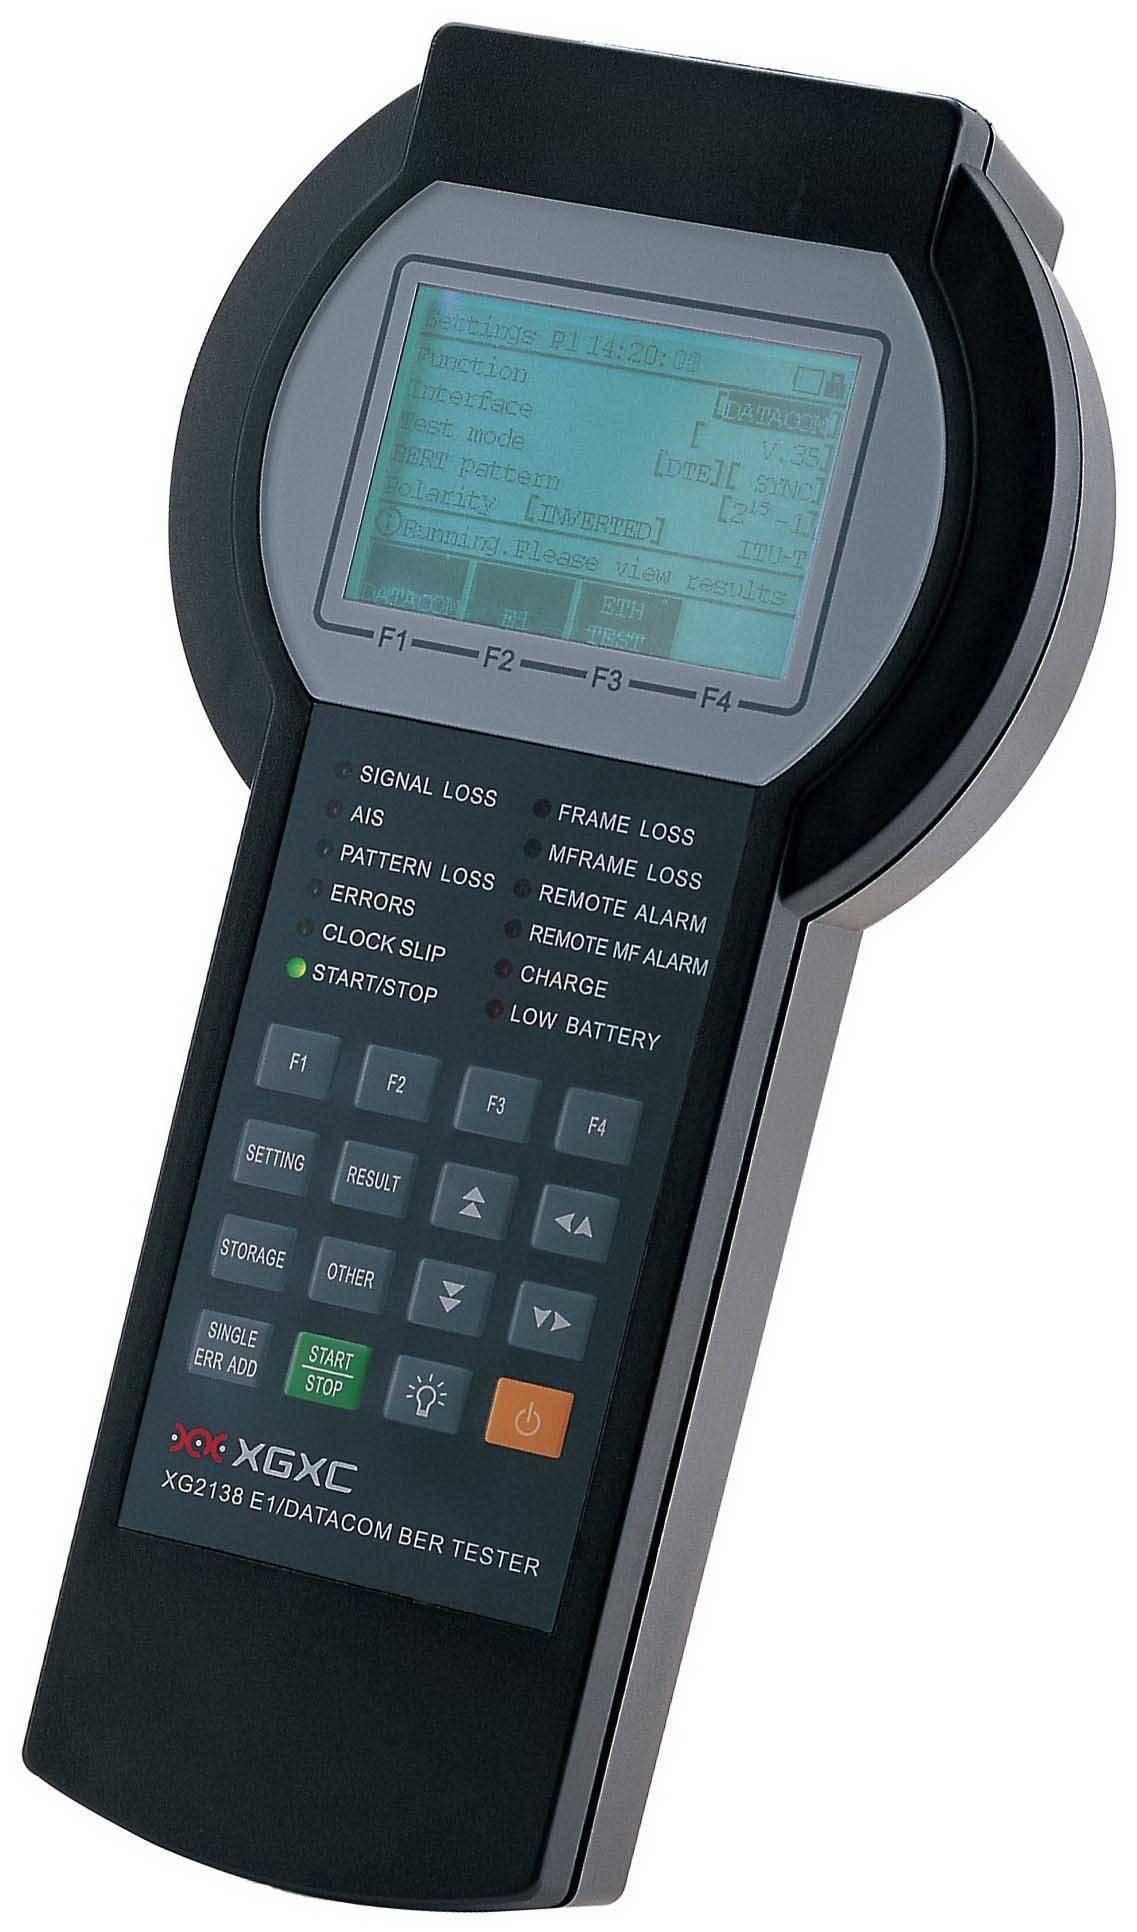 XG2138 E1/Datacom BER Tester